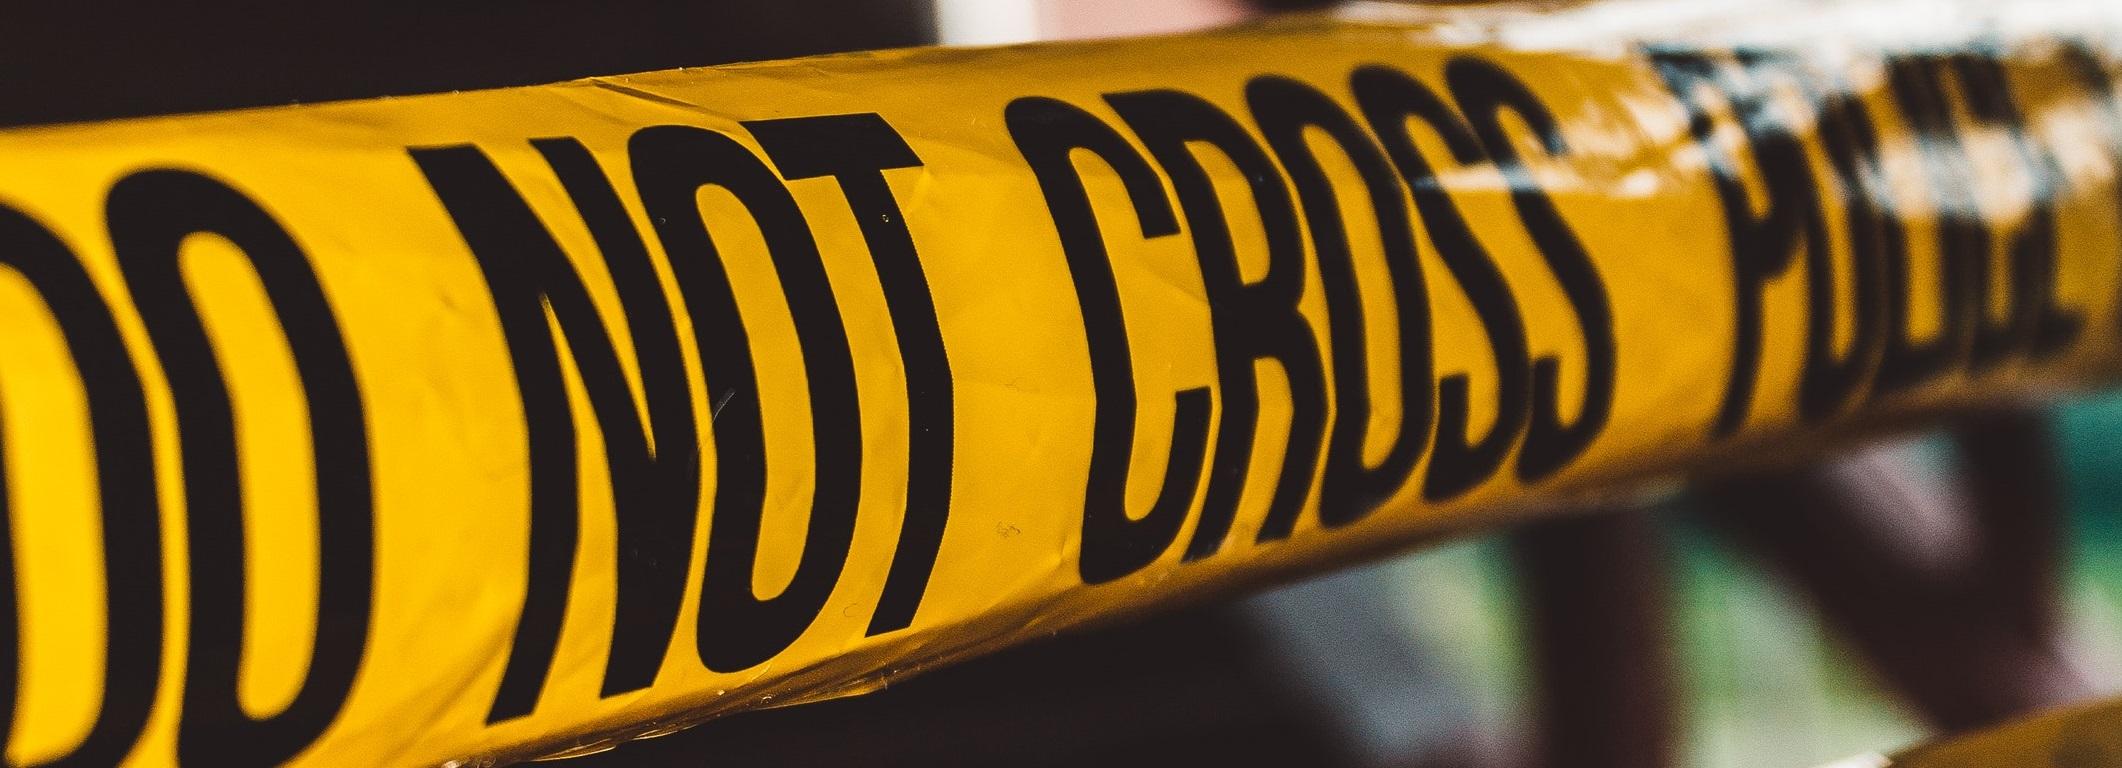 Cometer un crimen siempre es una acción imperfecta.